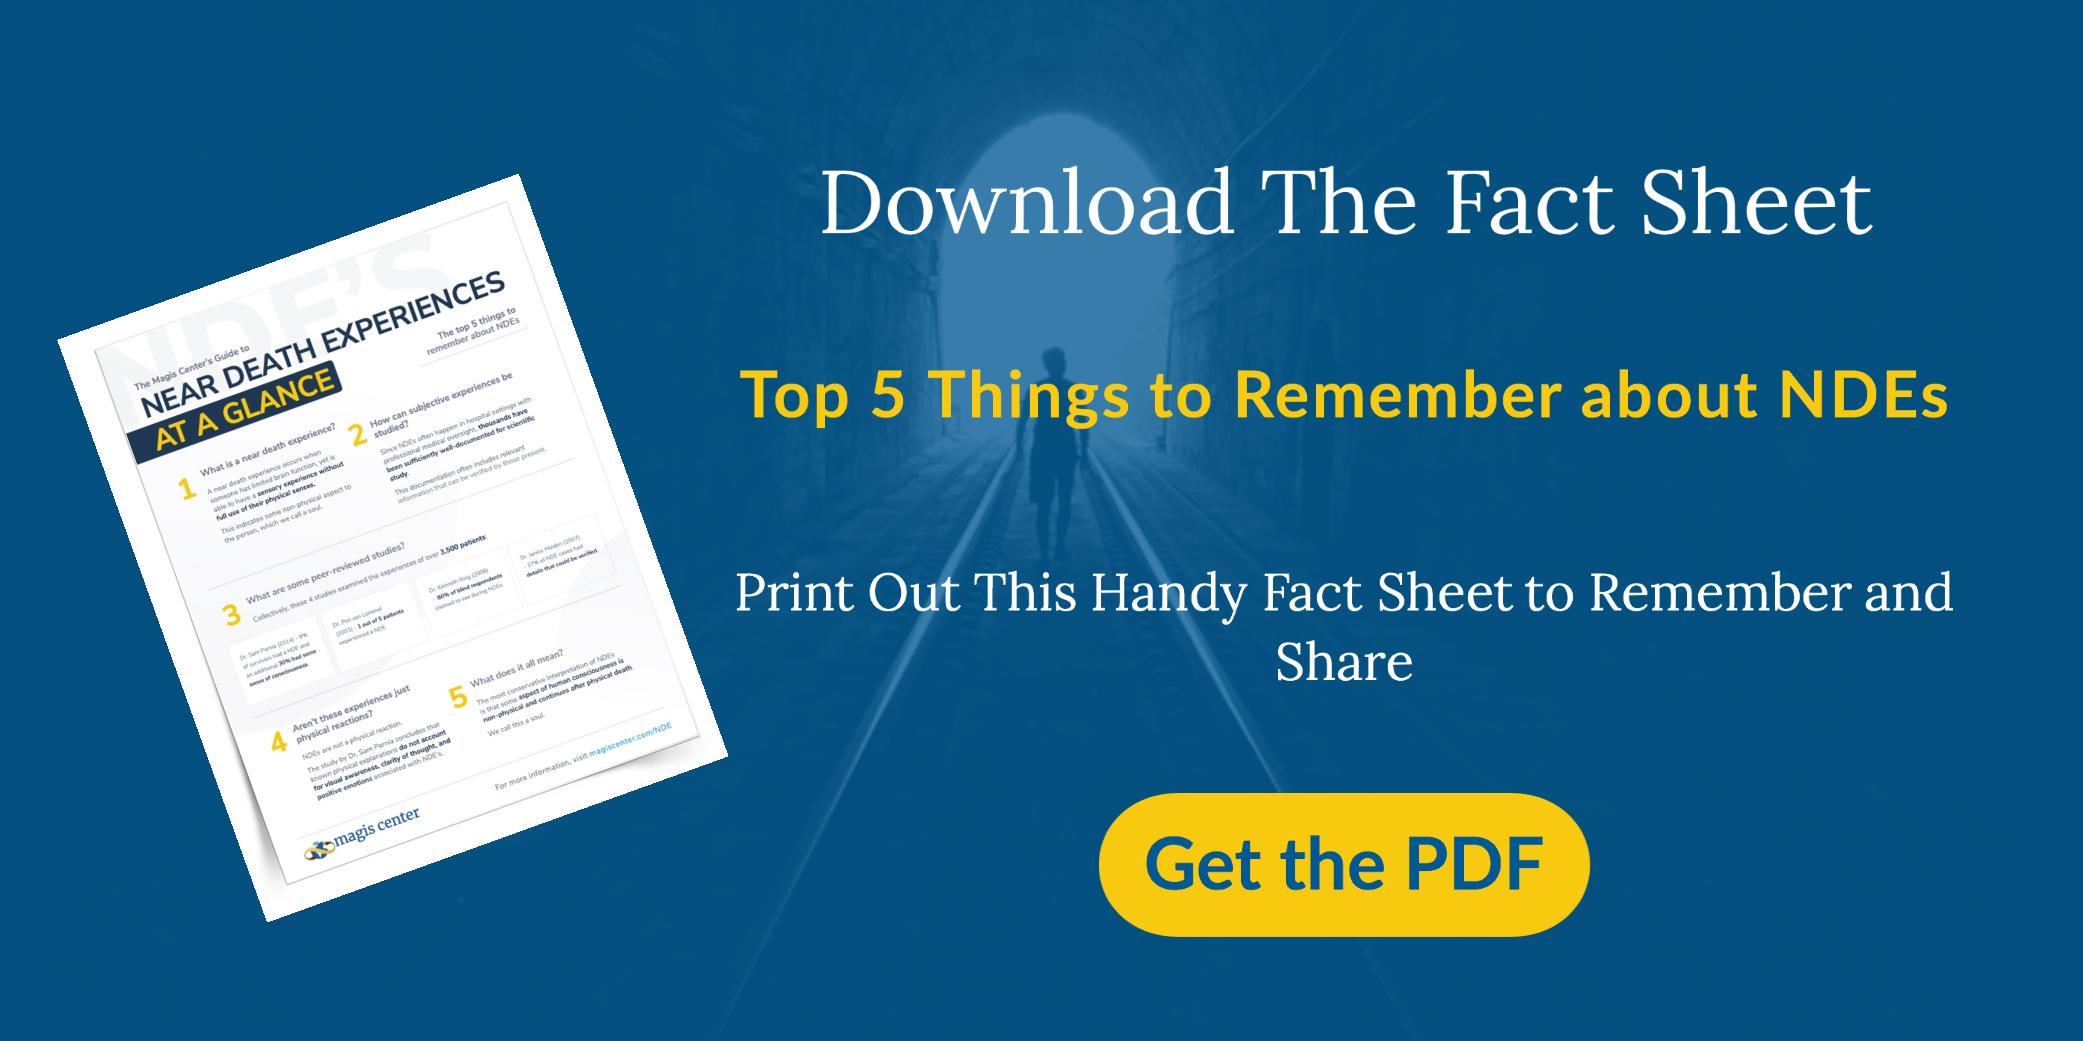 NDE-FACTSHEET-DOWNLOAD-PDF